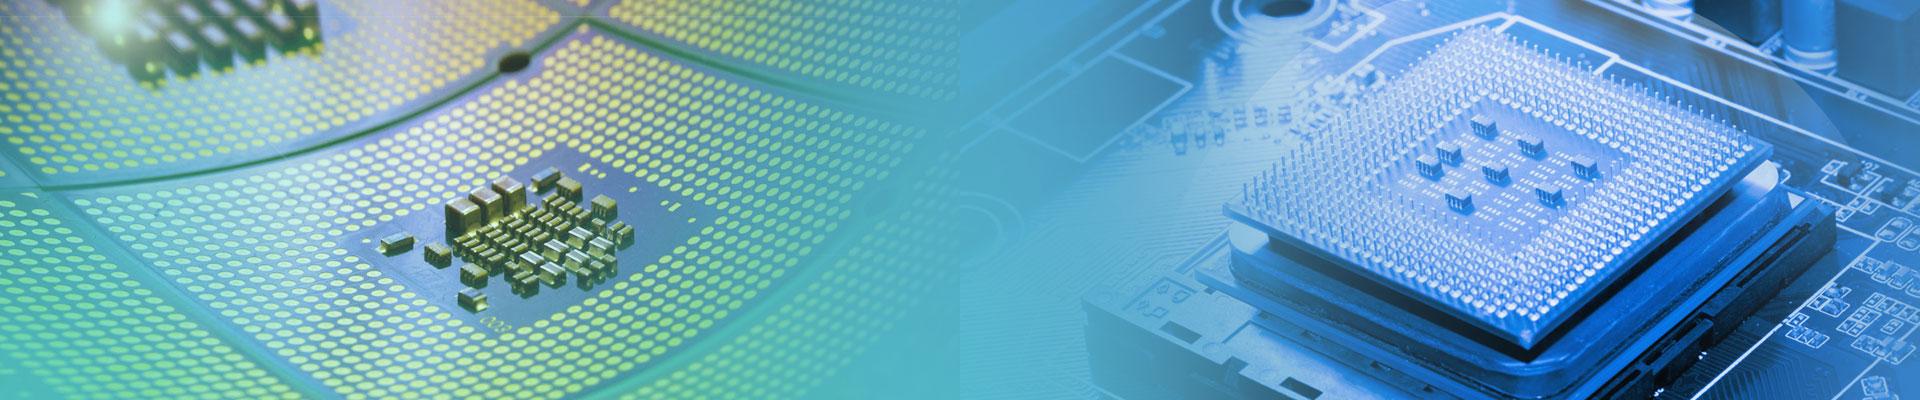 线路板PCB,FPC,Substrate制造